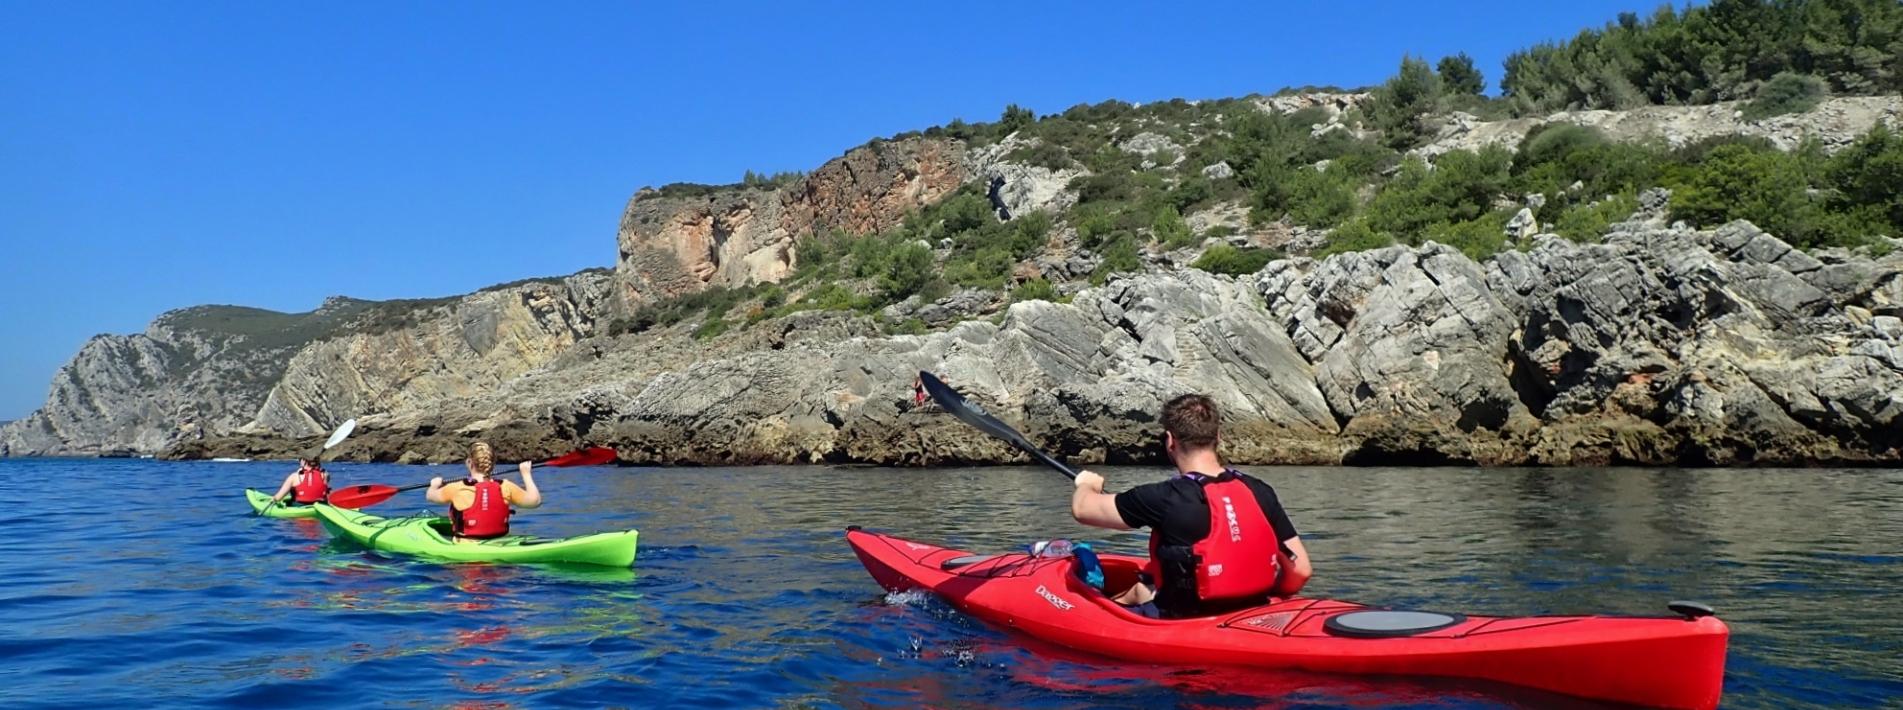 Kajakfahrer an der Küste des Naturparks Arrabida